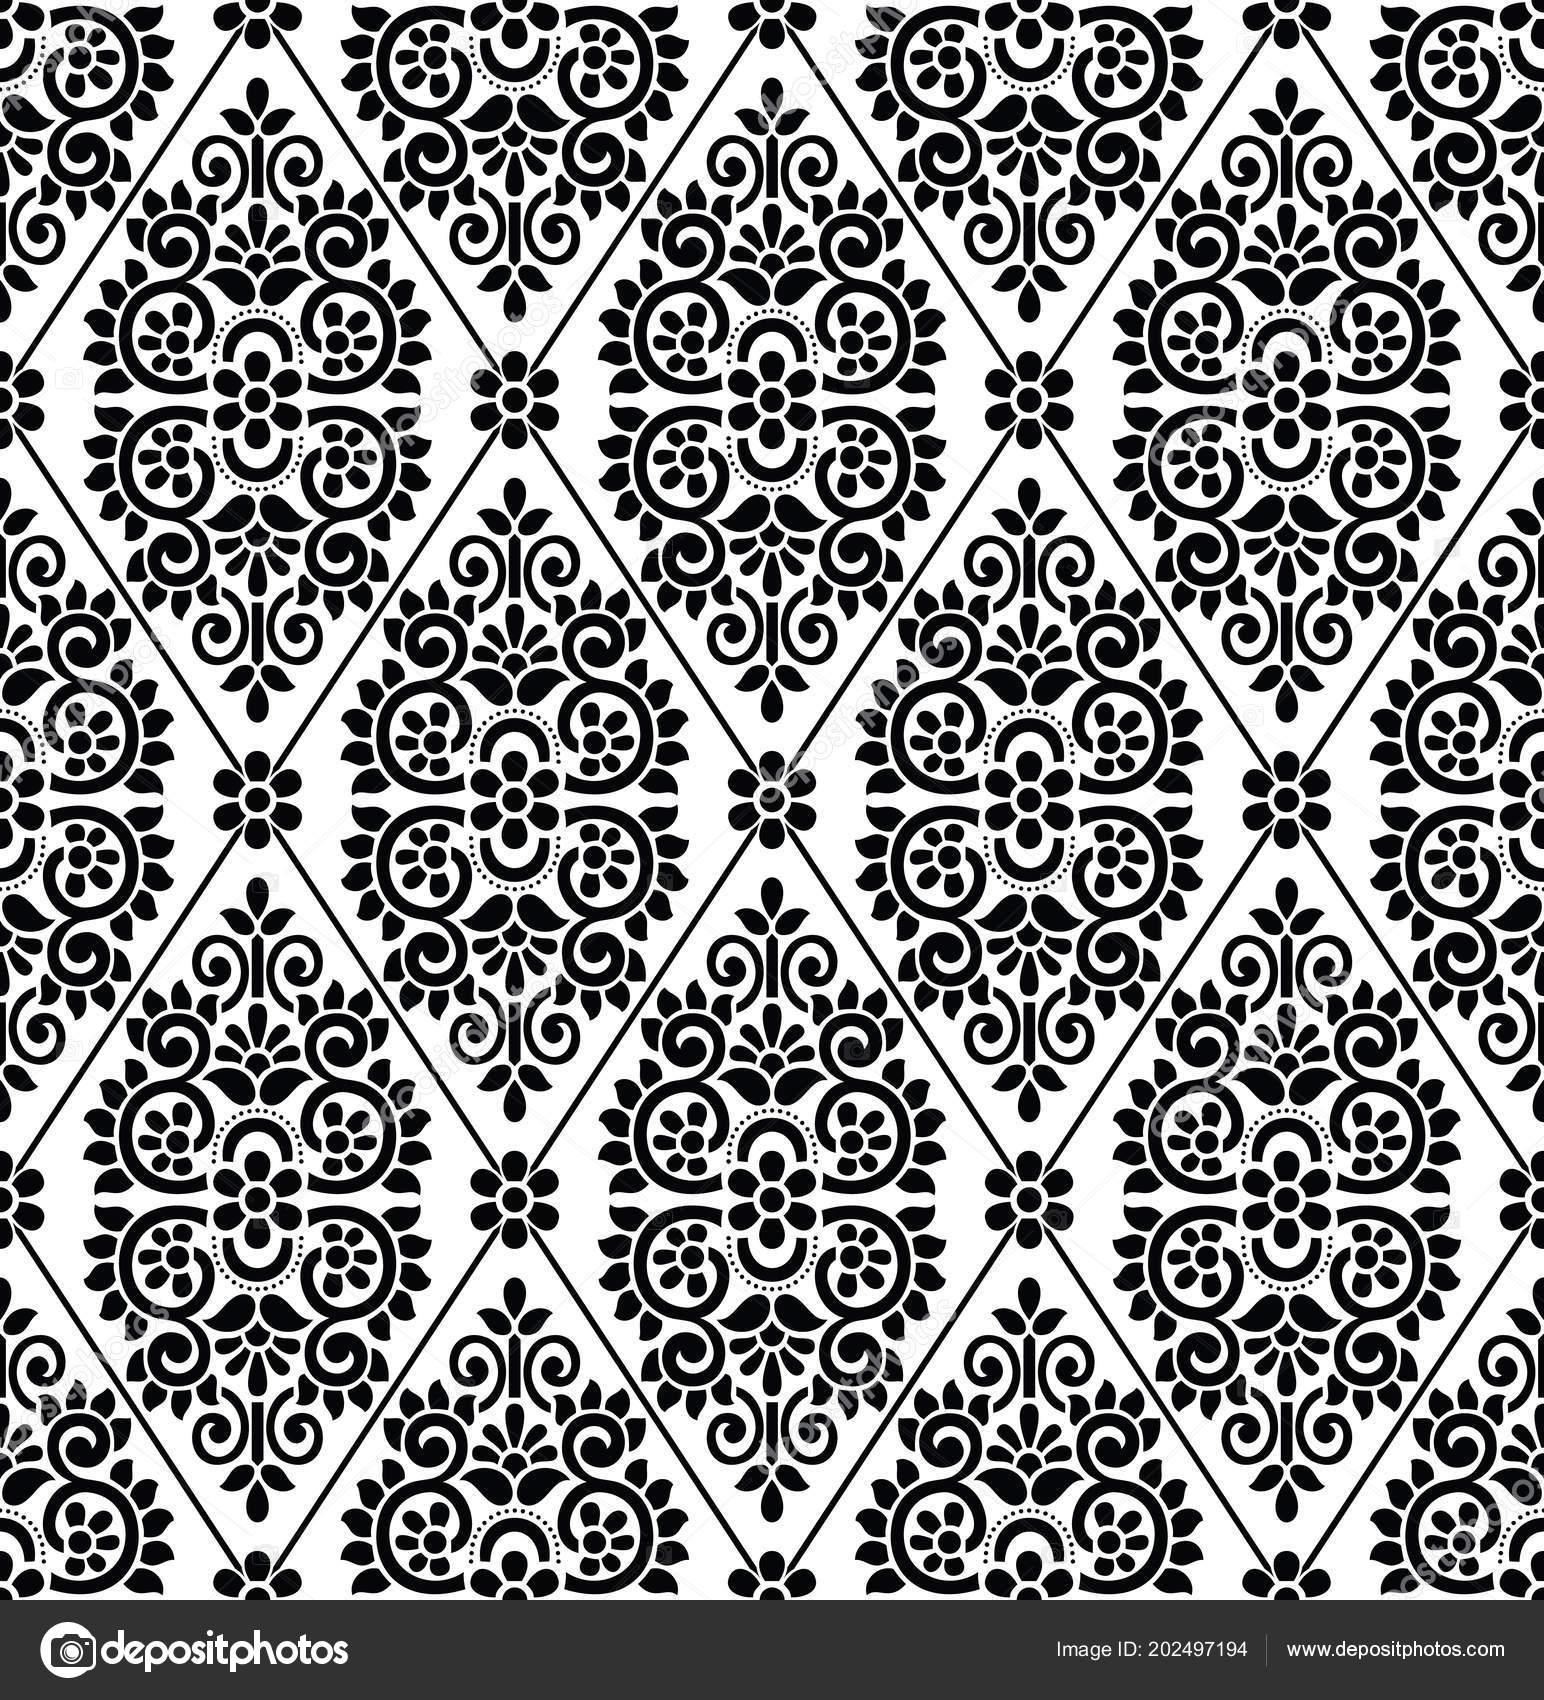 Seamless Black White Damask Wallpaper Stock Vector